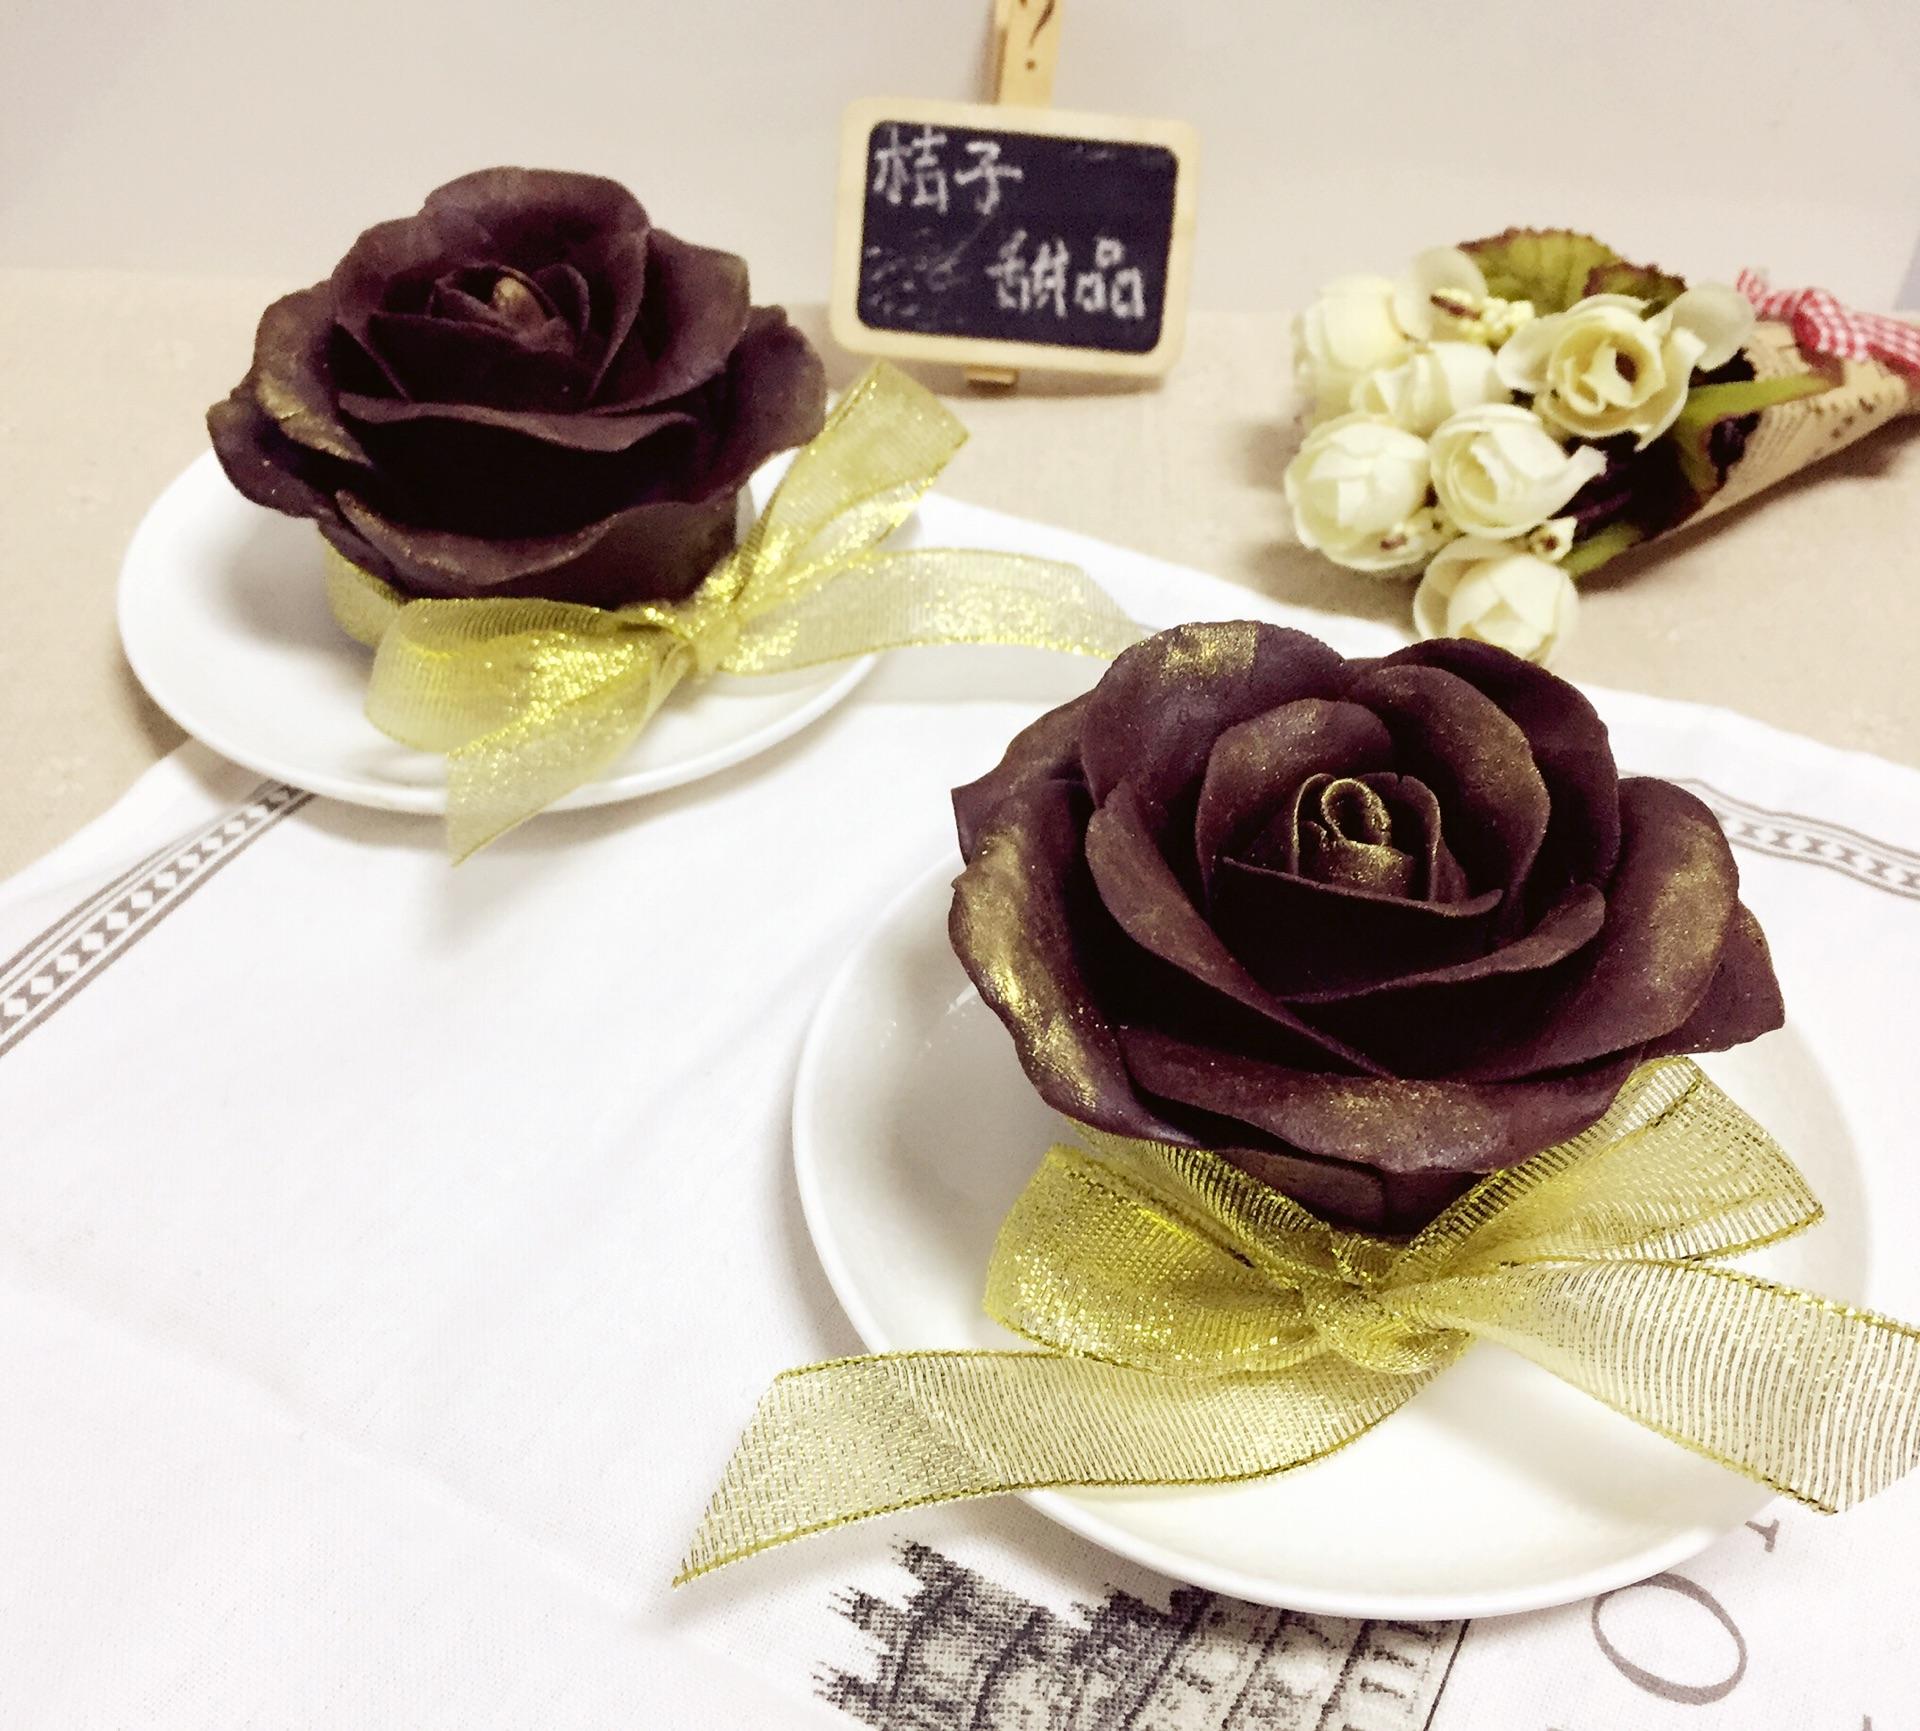 巧克力玫瑰花芝士蛋糕#有颜值的实力派图片